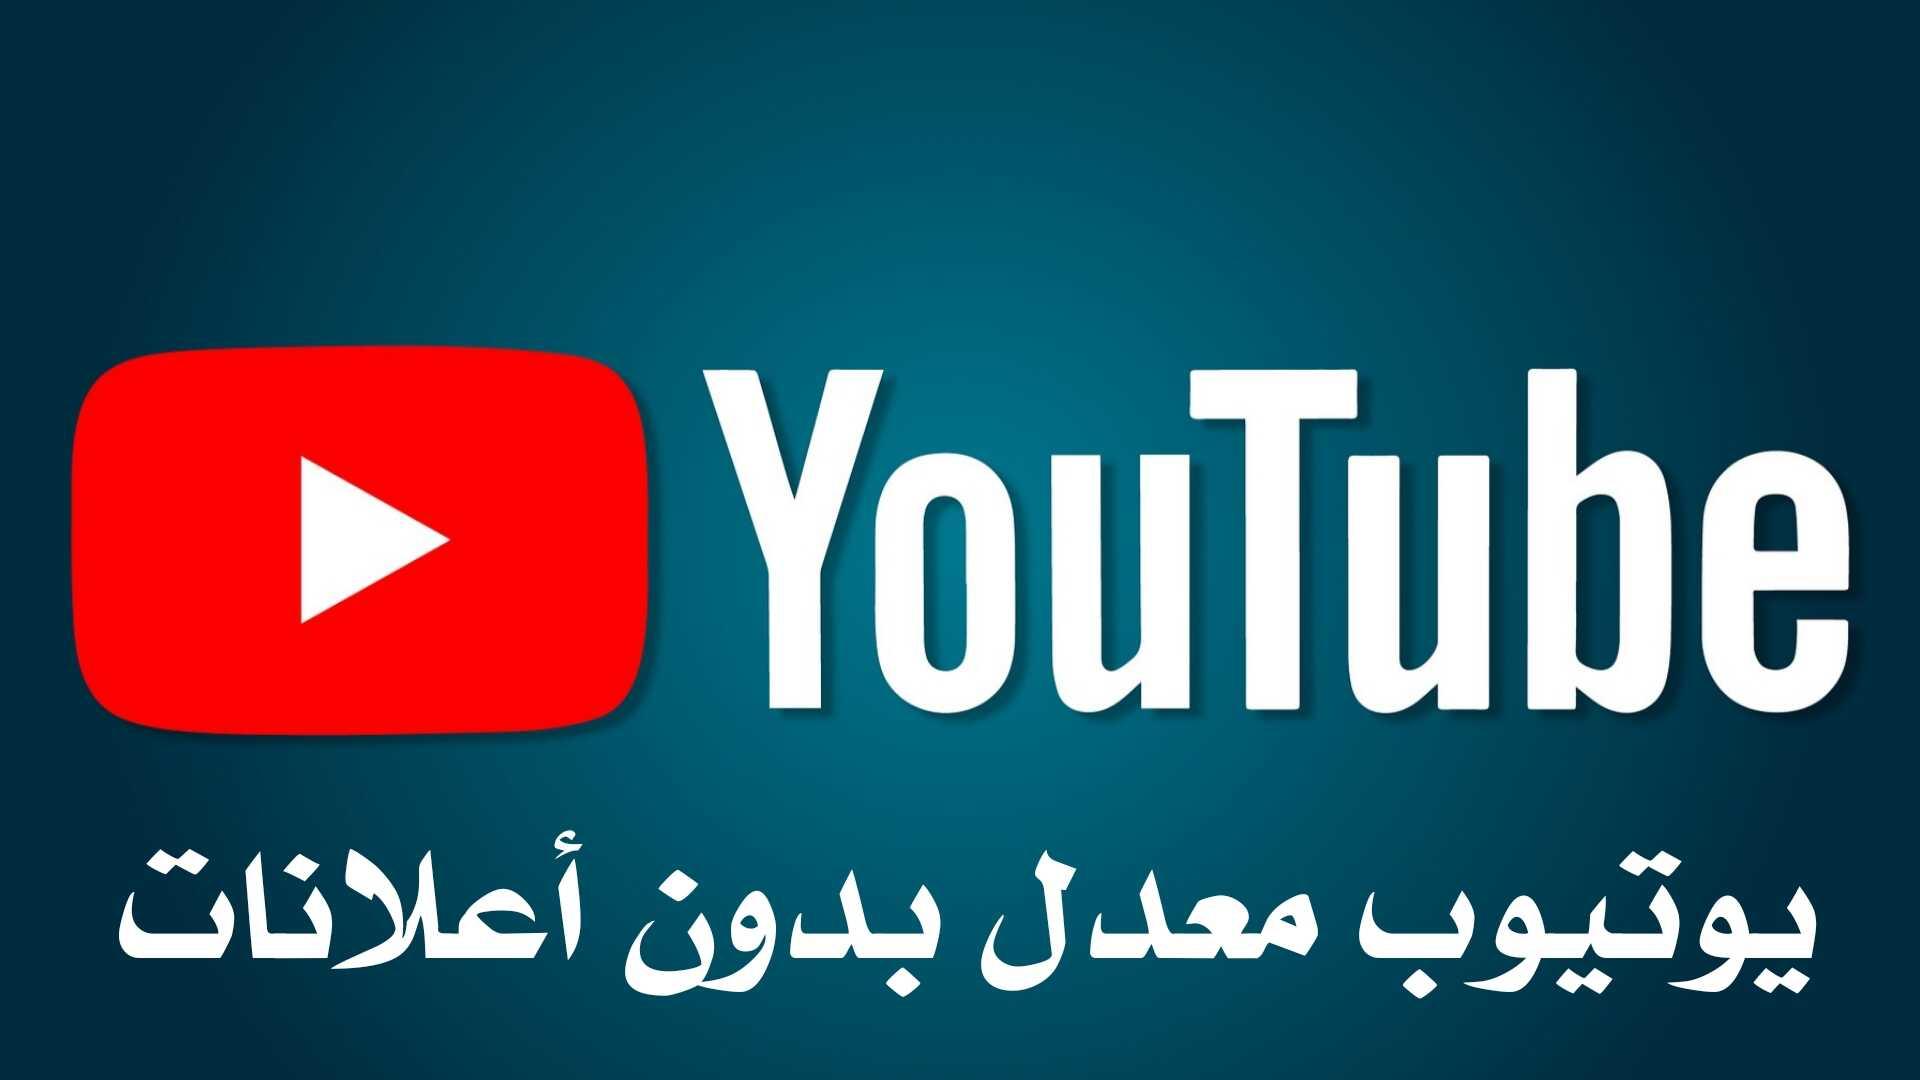 يوتيوب معدل بدون أعلانات يدعم تشغيل الفيديو بالخلفية ونافذة عائمة